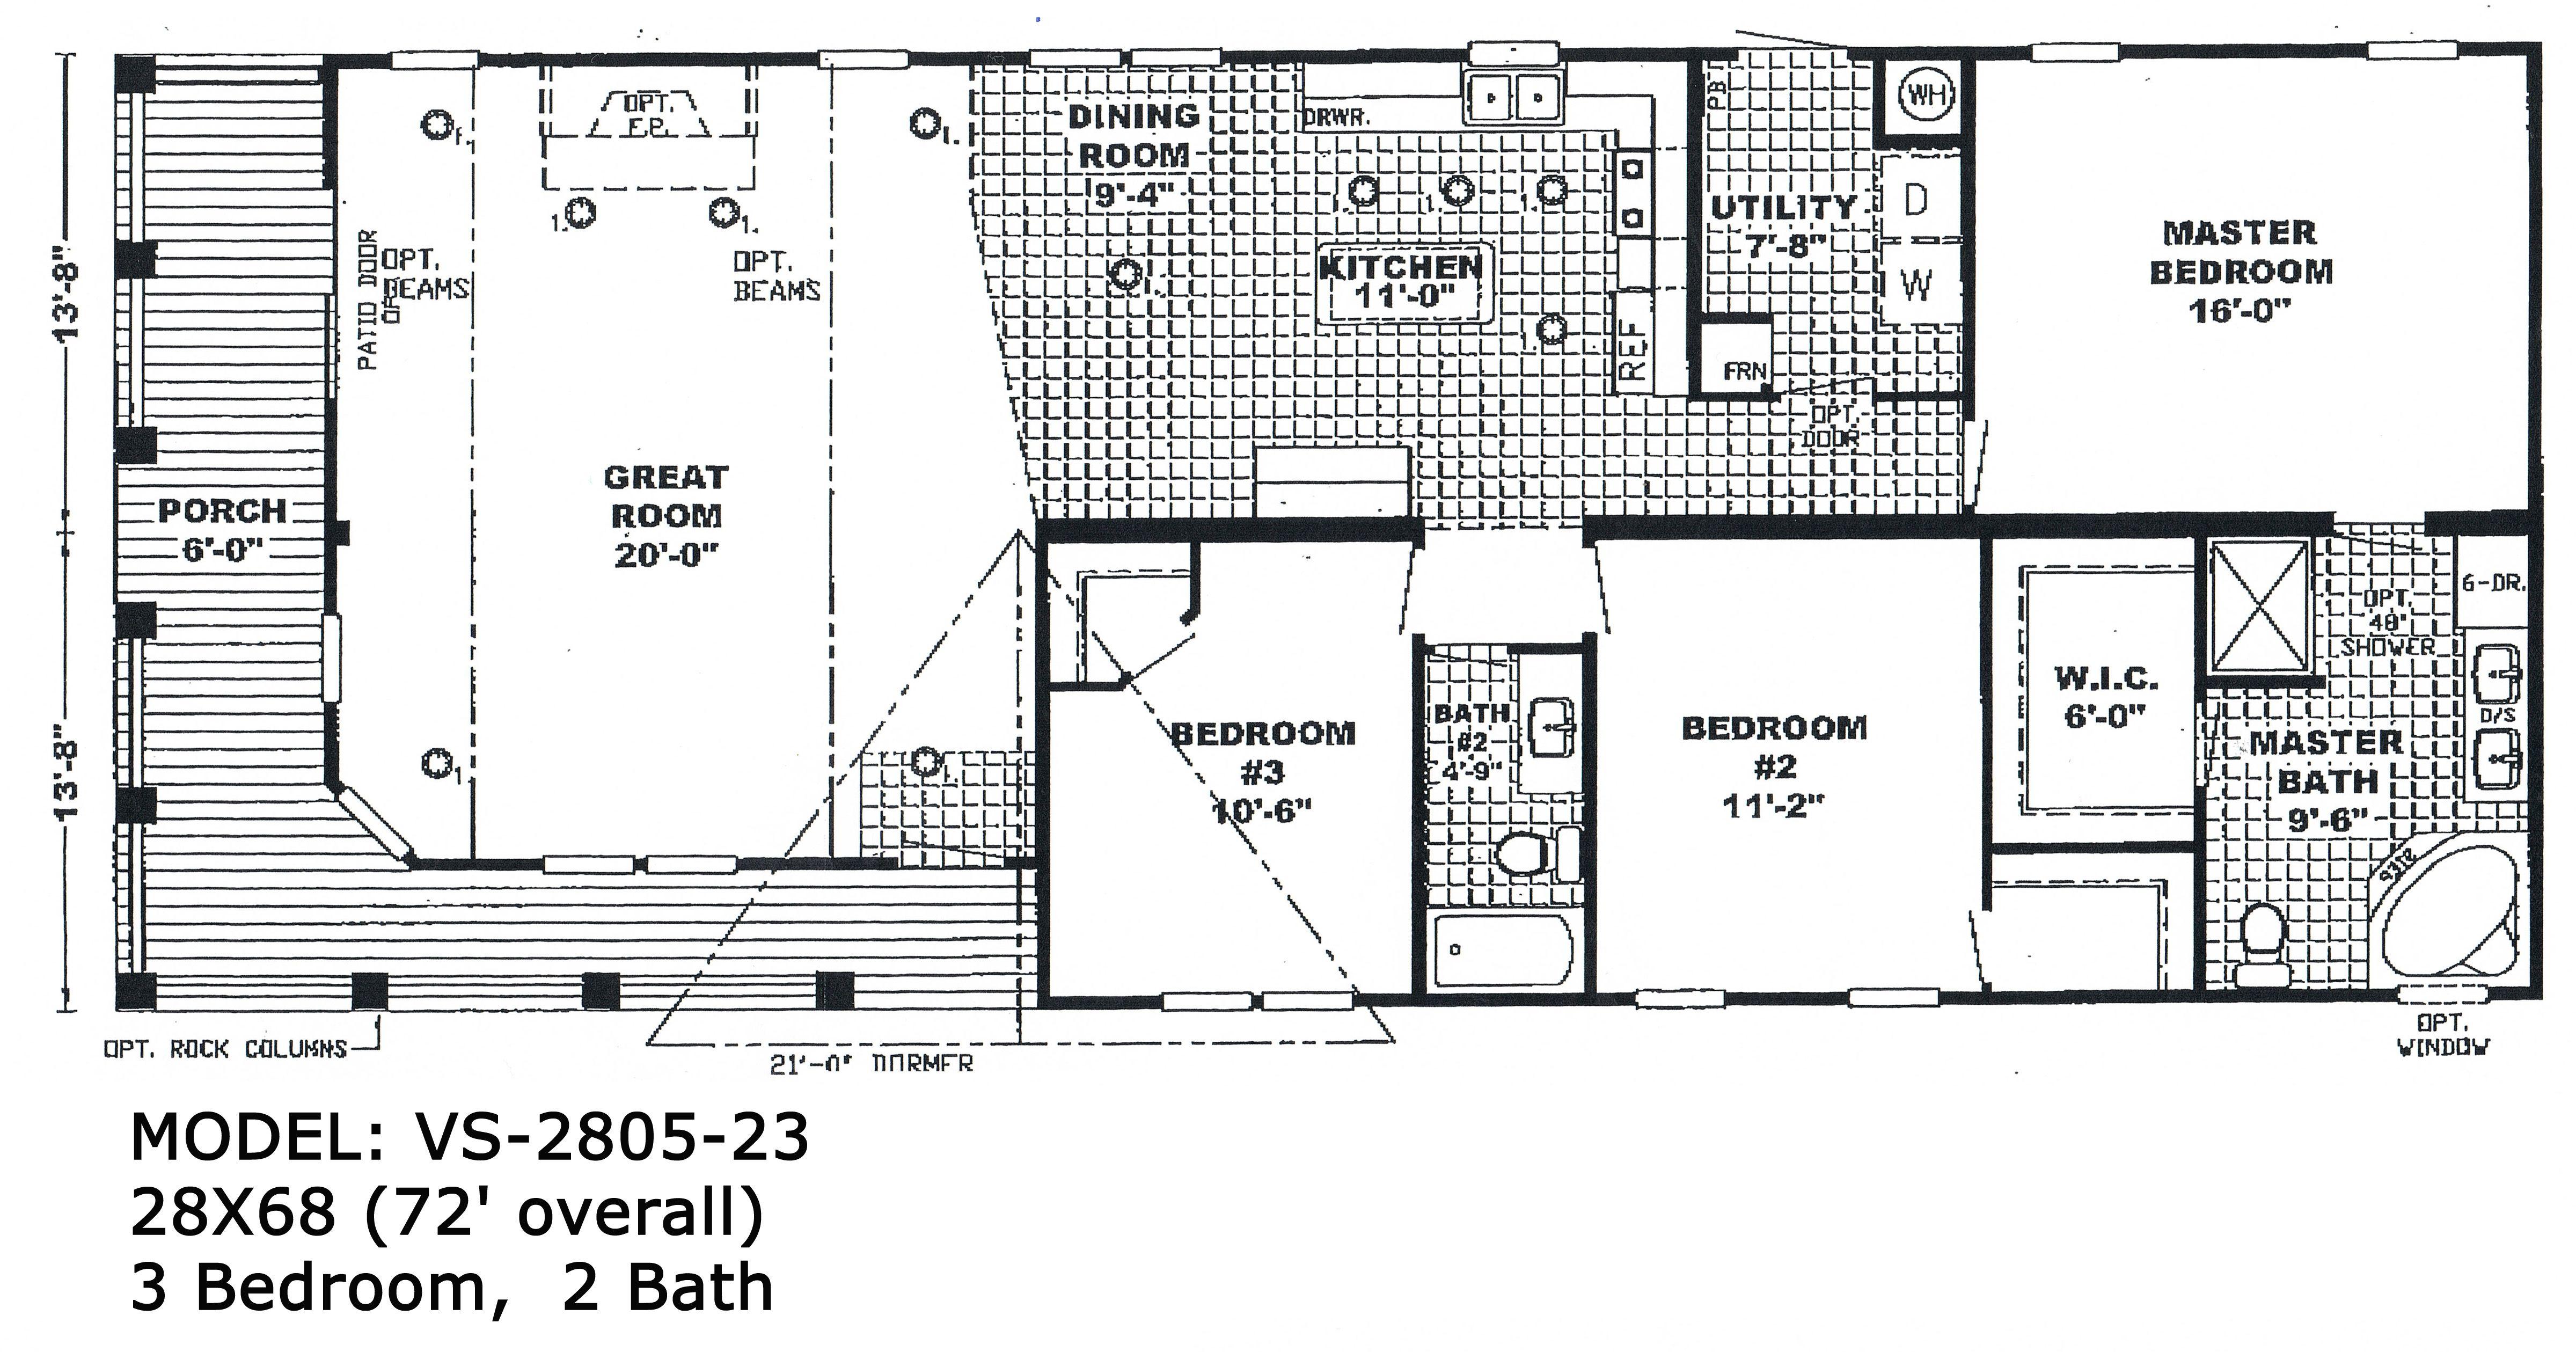 2 Bedroom Double Wide Mobile Home Floor Plans | http://viajesairmar ...